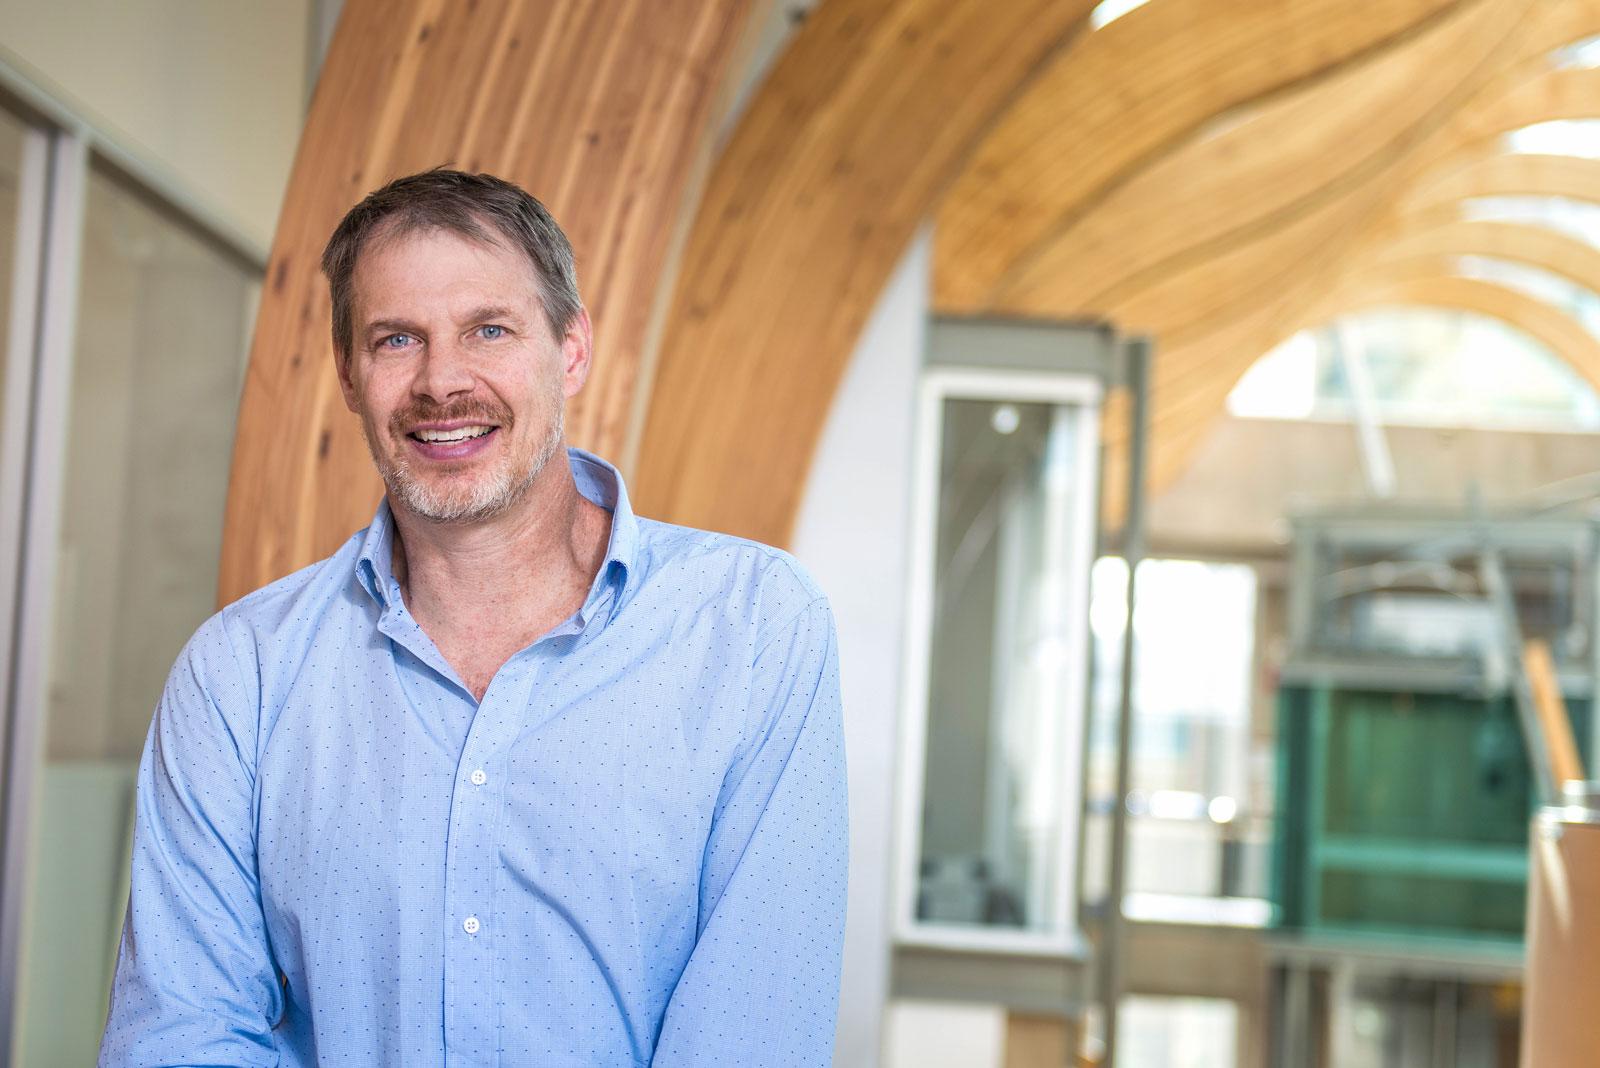 Dr. Peter Zandstra